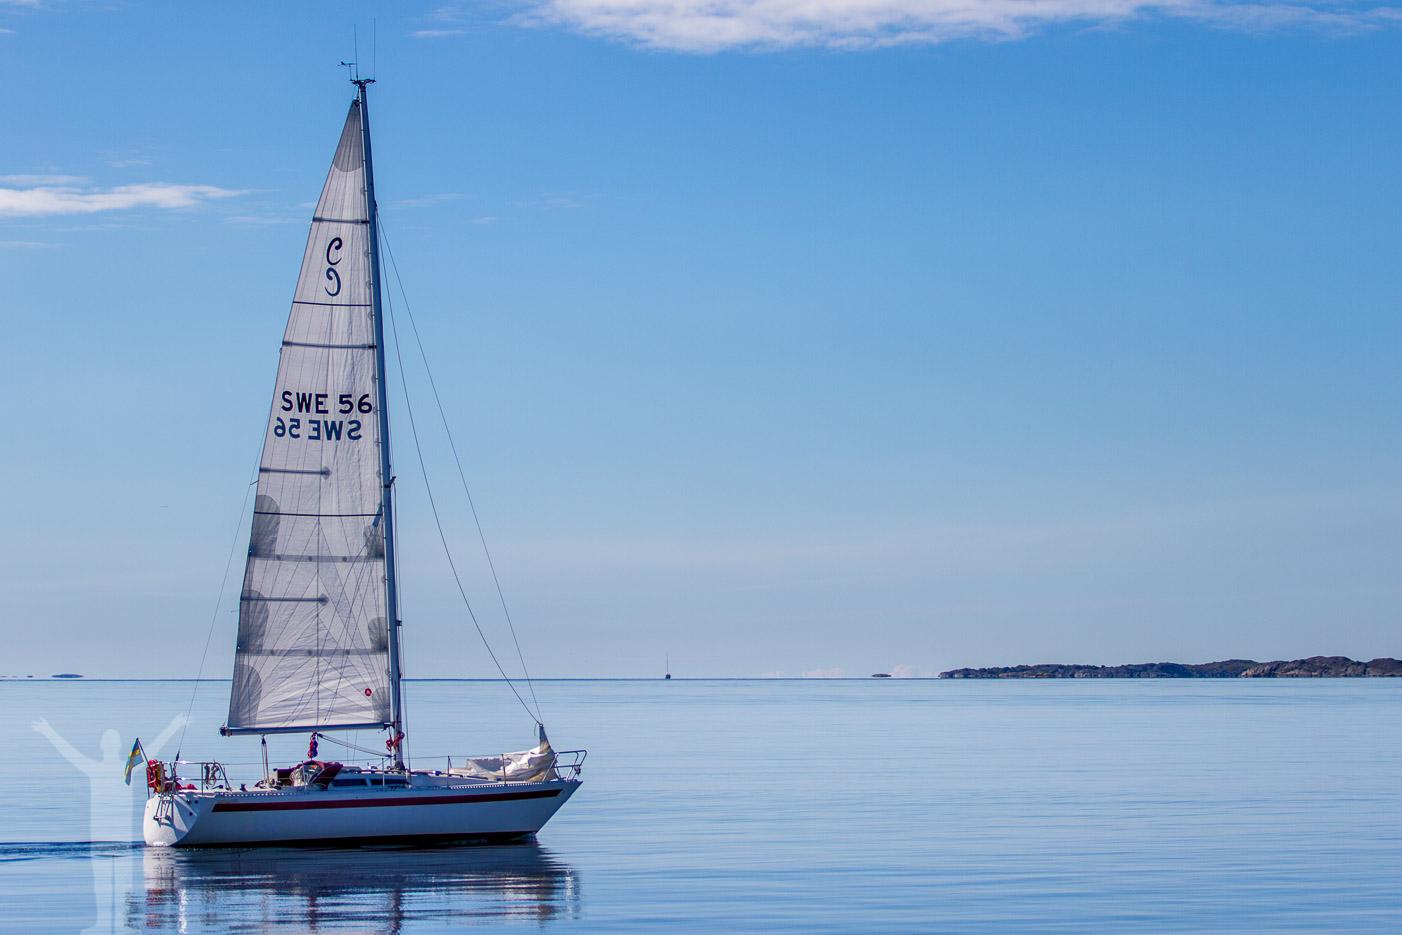 Hyra segelbåt i Göteborg